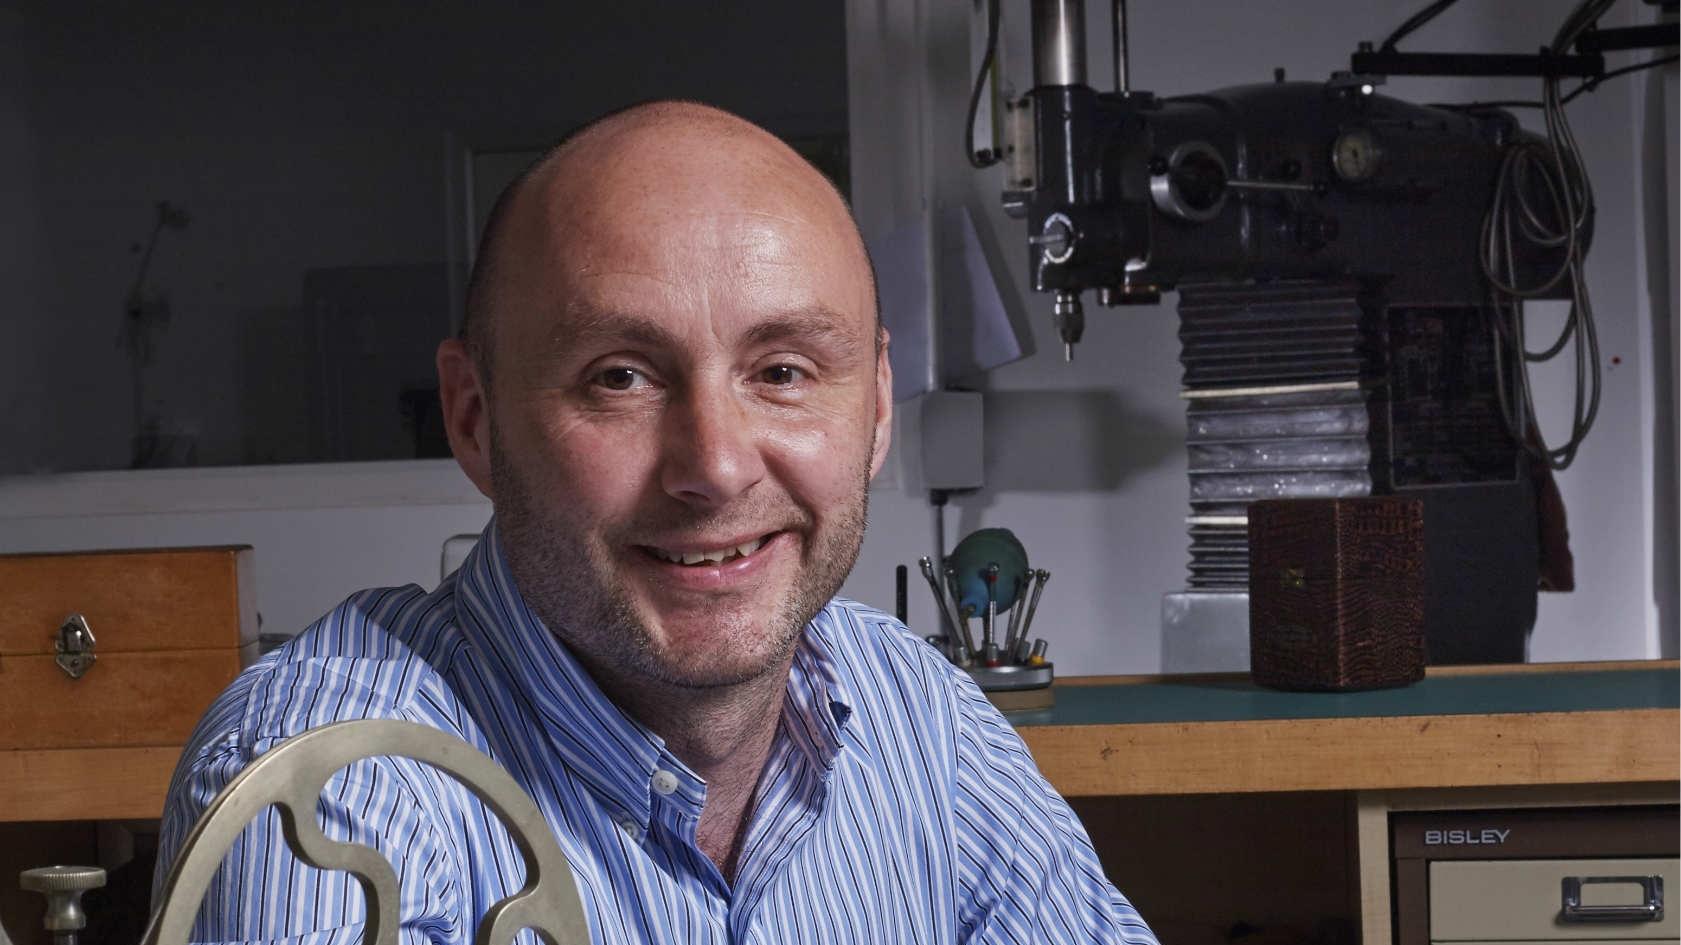 David Brailsford (Founder Garrick)